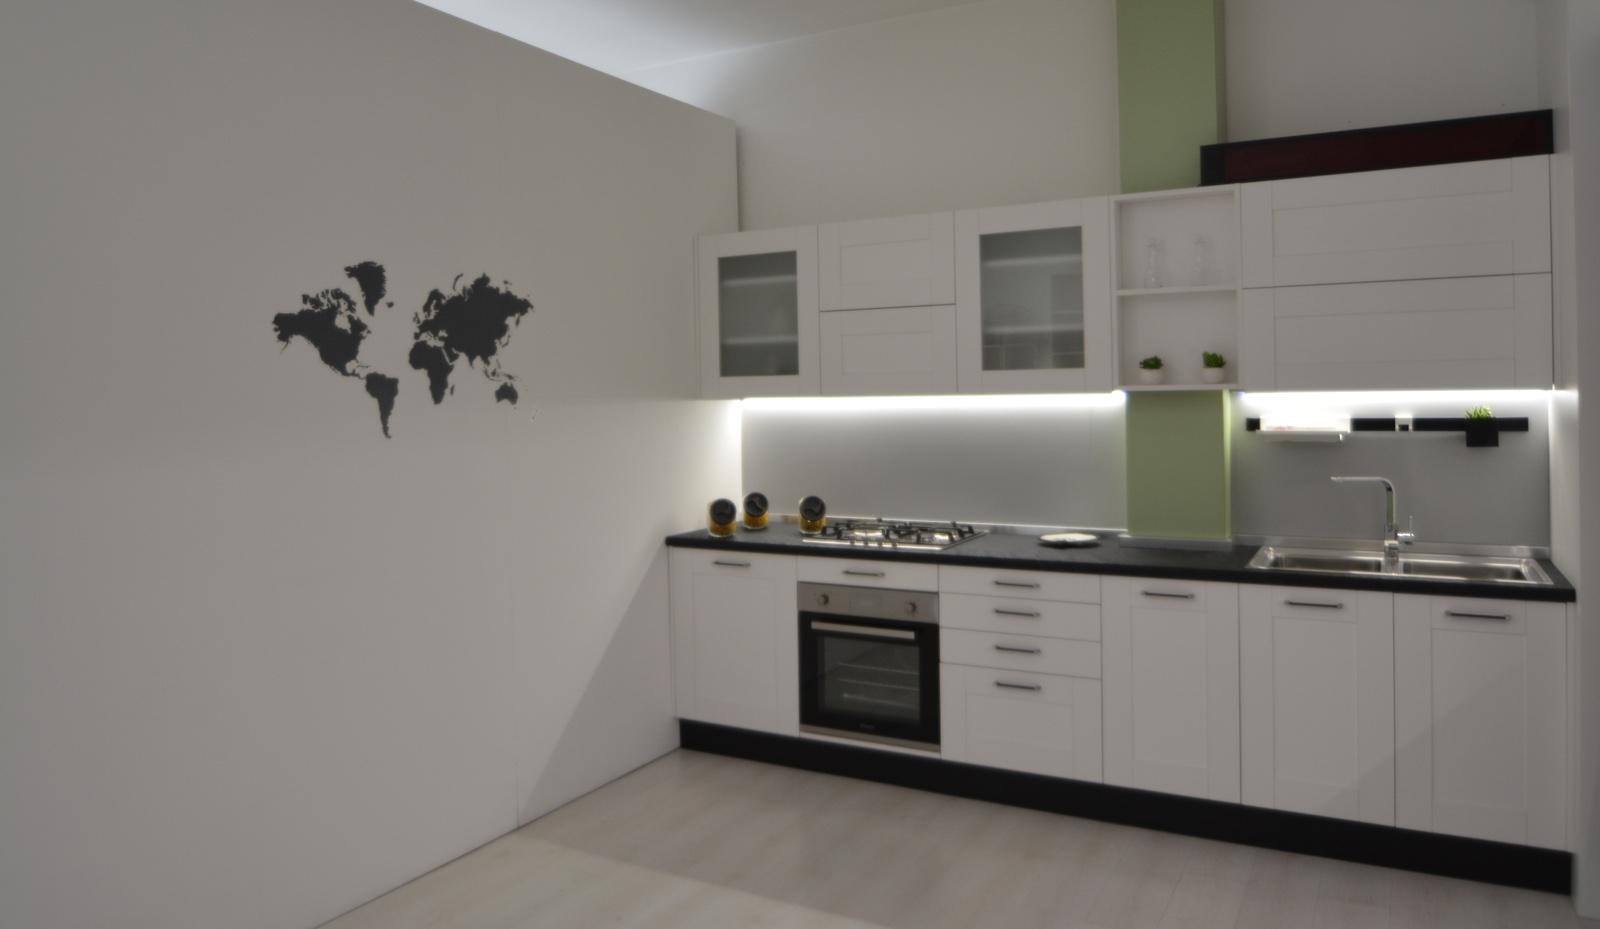 Produzione cucine su misura in brianza sde arredamenti for Arredamenti in brianza